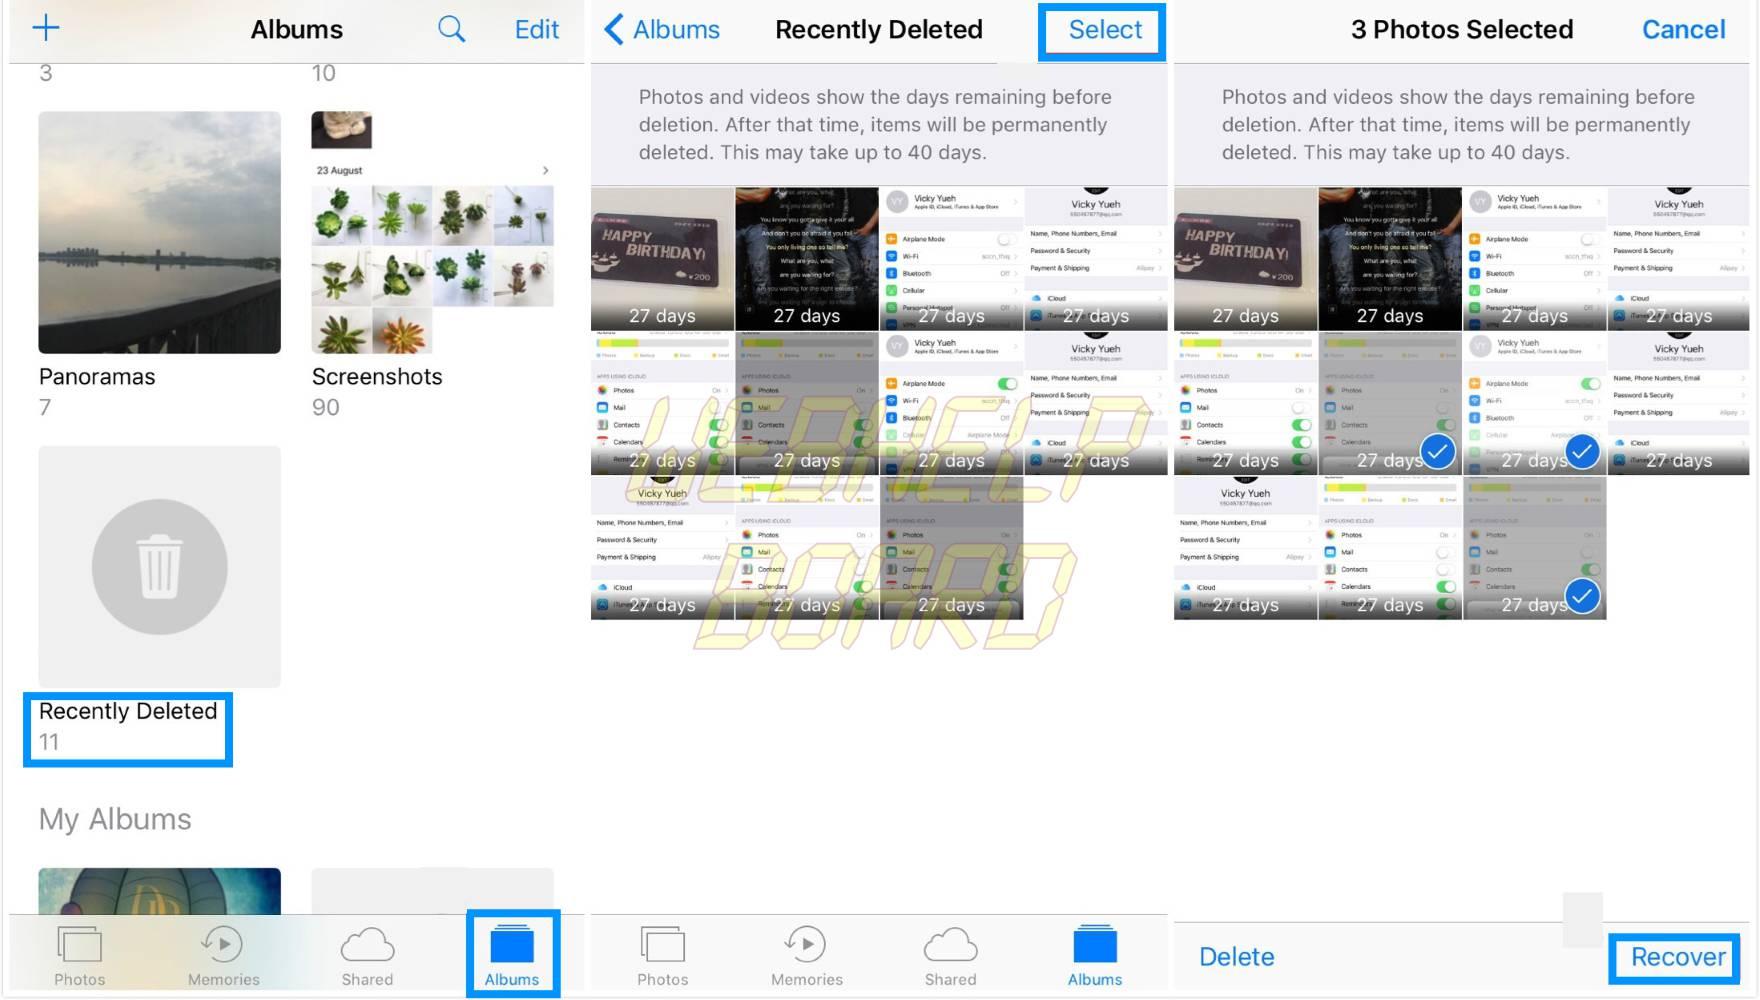 recuperar fotos y vídeos eliminados de la carpeta recientemente eliminada del iPhone